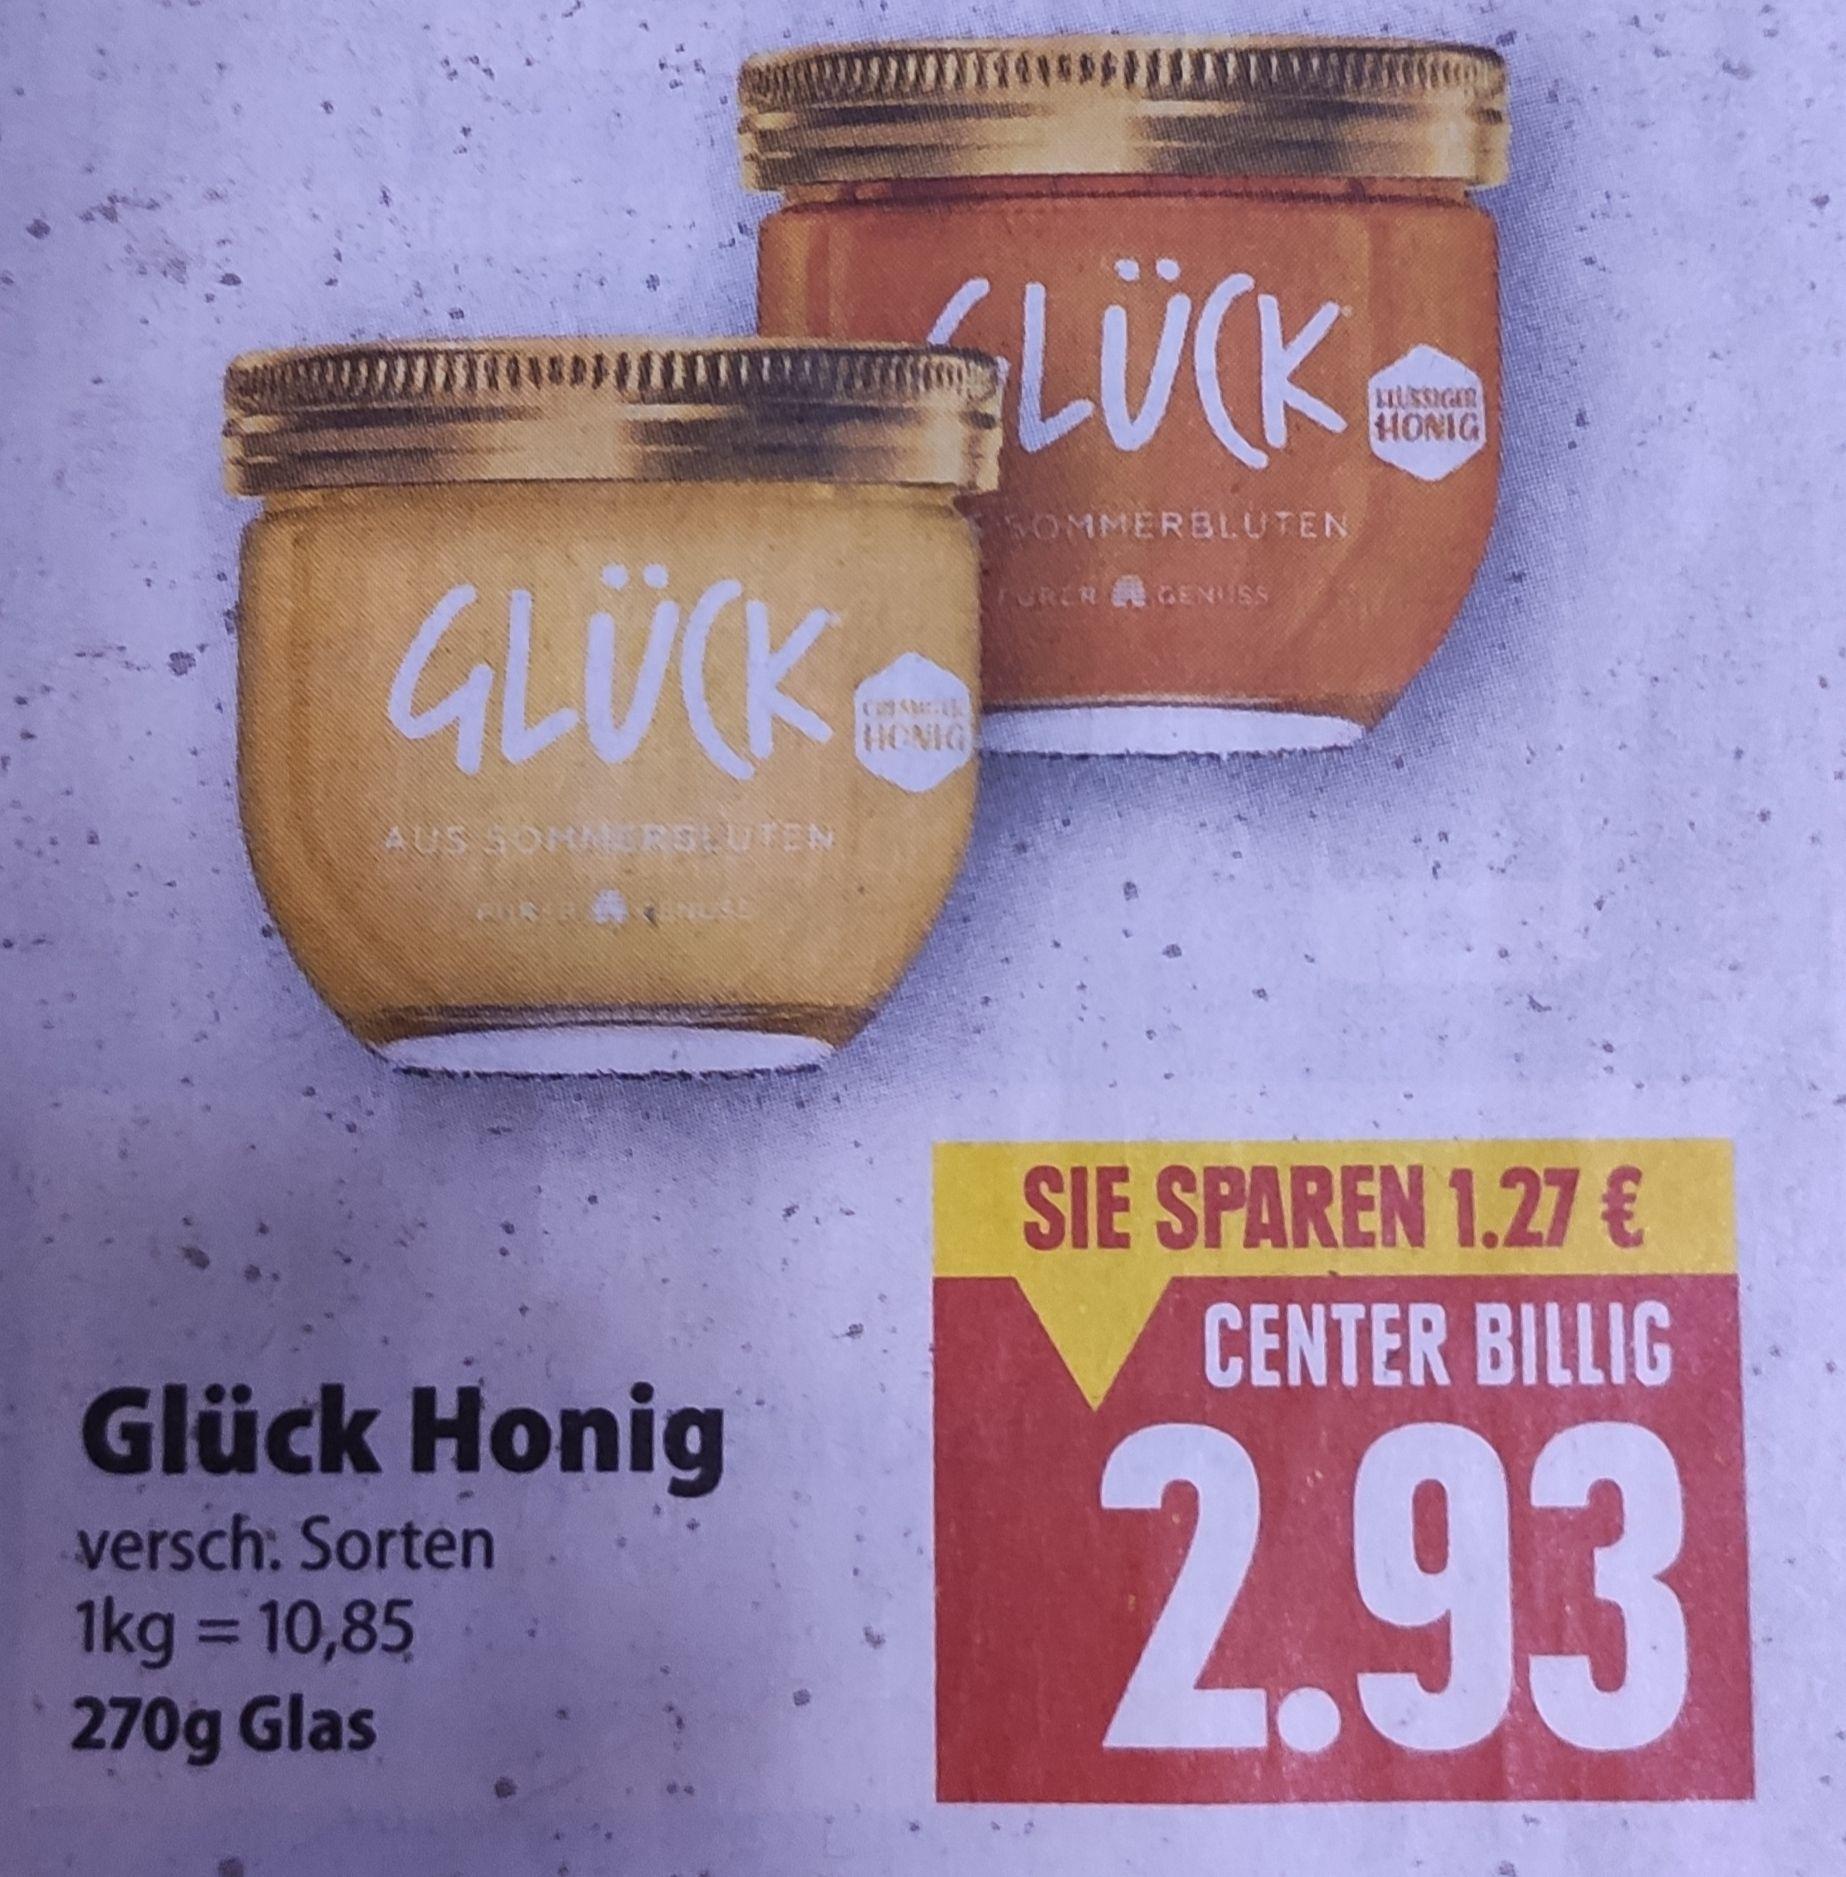 [Edeka Center Minden-Hannover] Glück Honig 270g mit Coupon für 1,93€ (7,14€/KG)